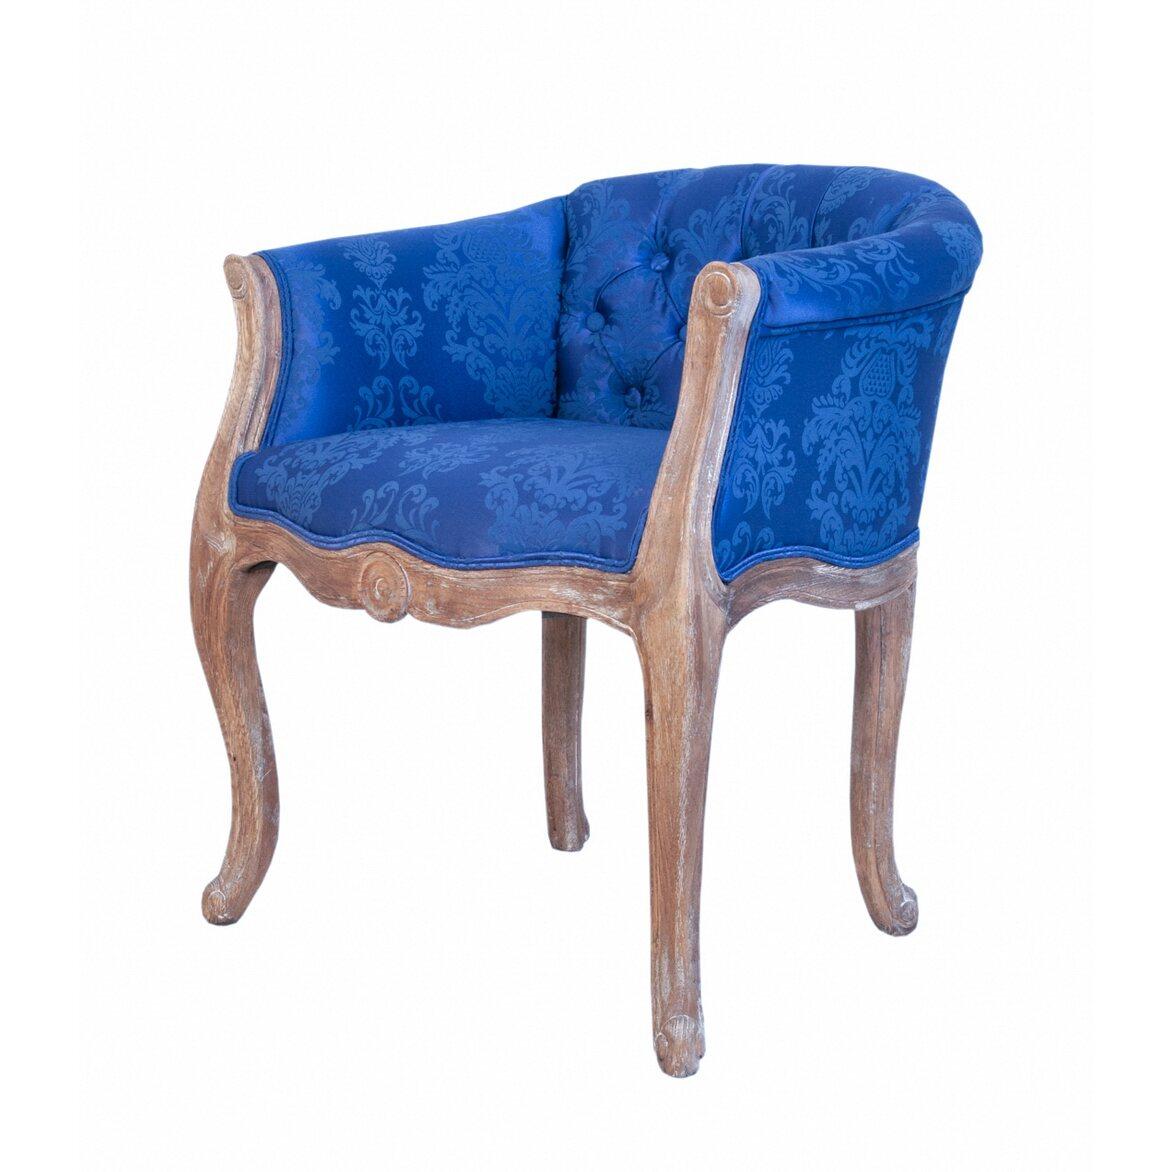 Низкое кресло Kandy blue 4 | Маленькие кресла Kingsby